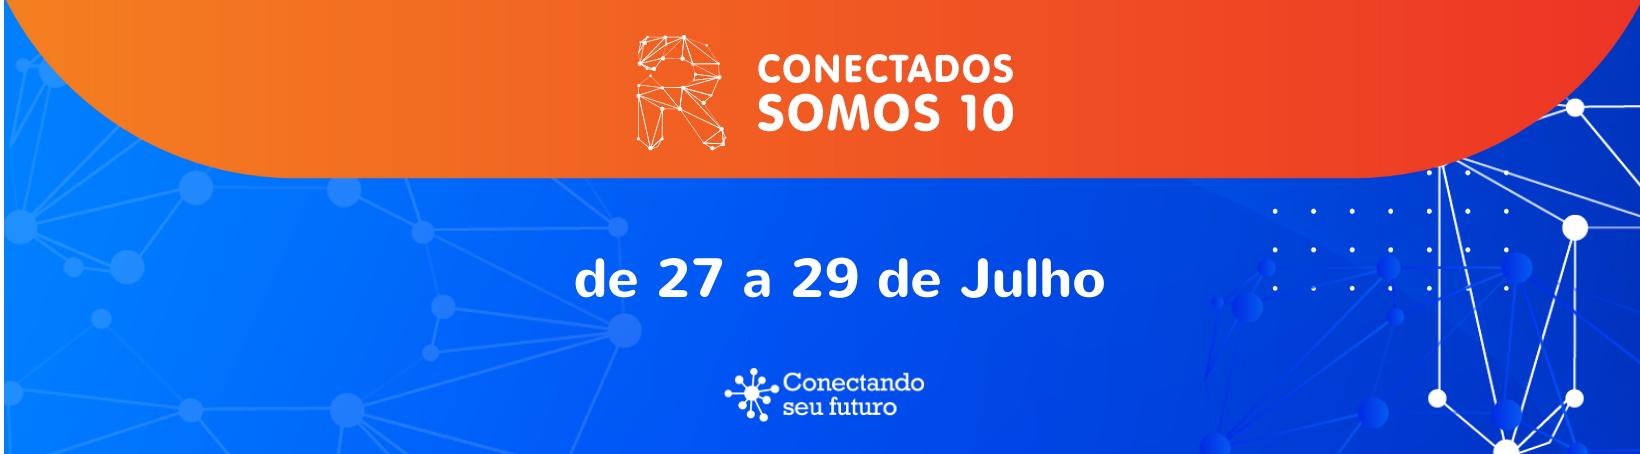 Recode e Facebook Brasil promovem evento virtual para pensar soluções de transformação social pós-pandemia